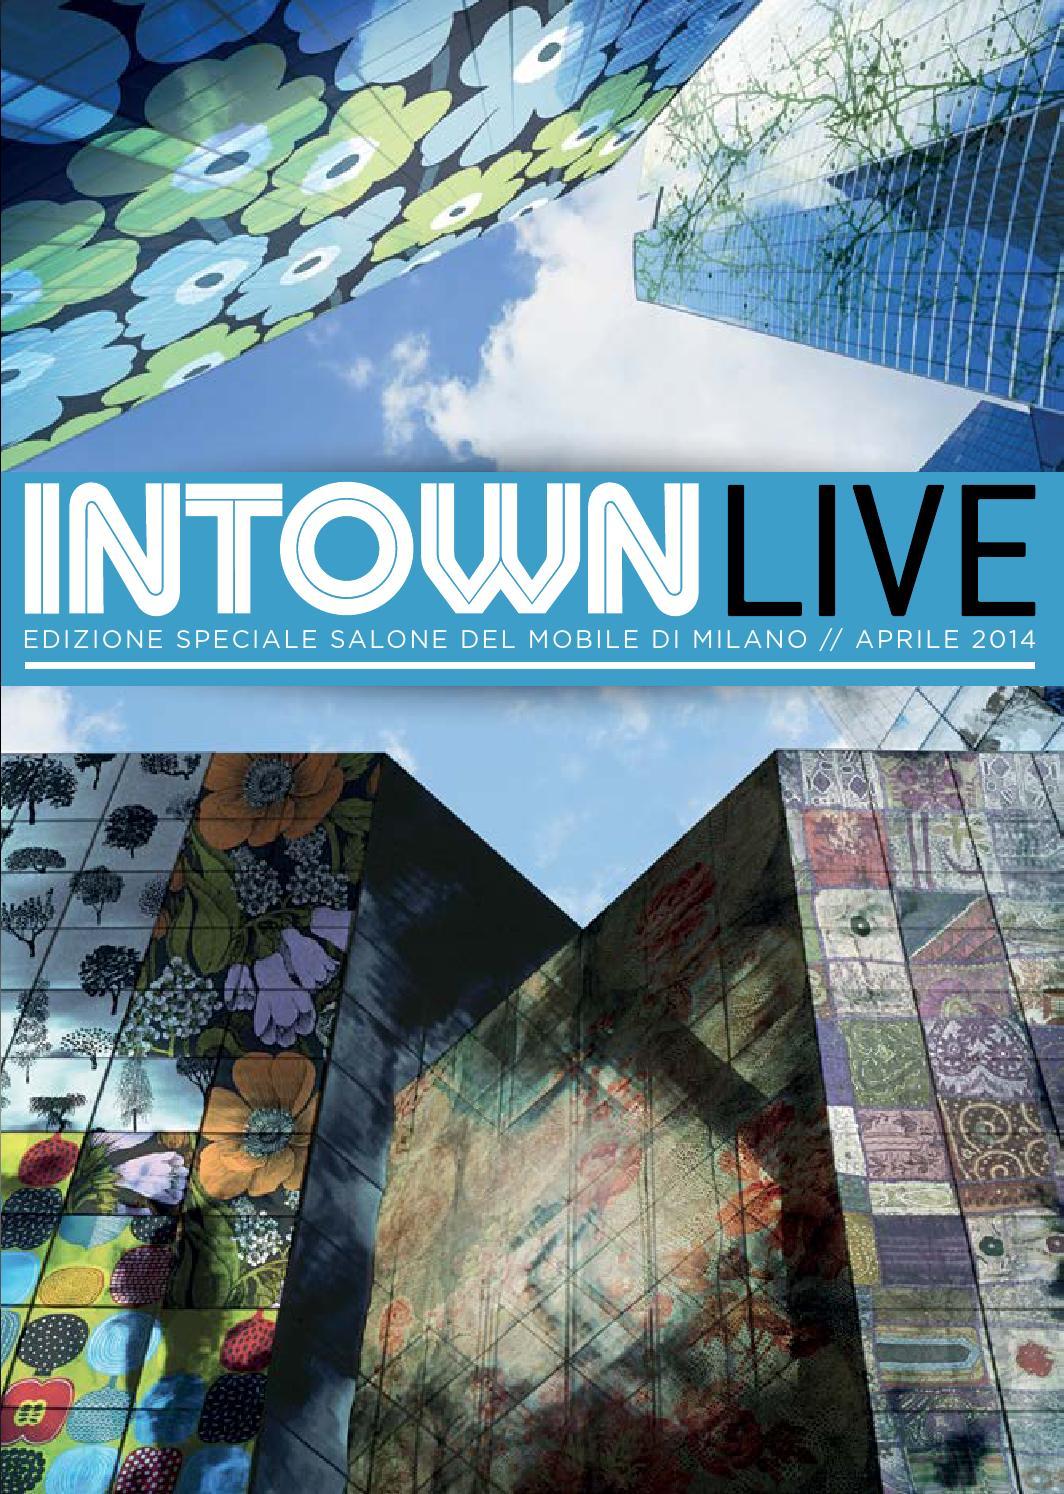 intown magazine edizione speciale salone del mobile by